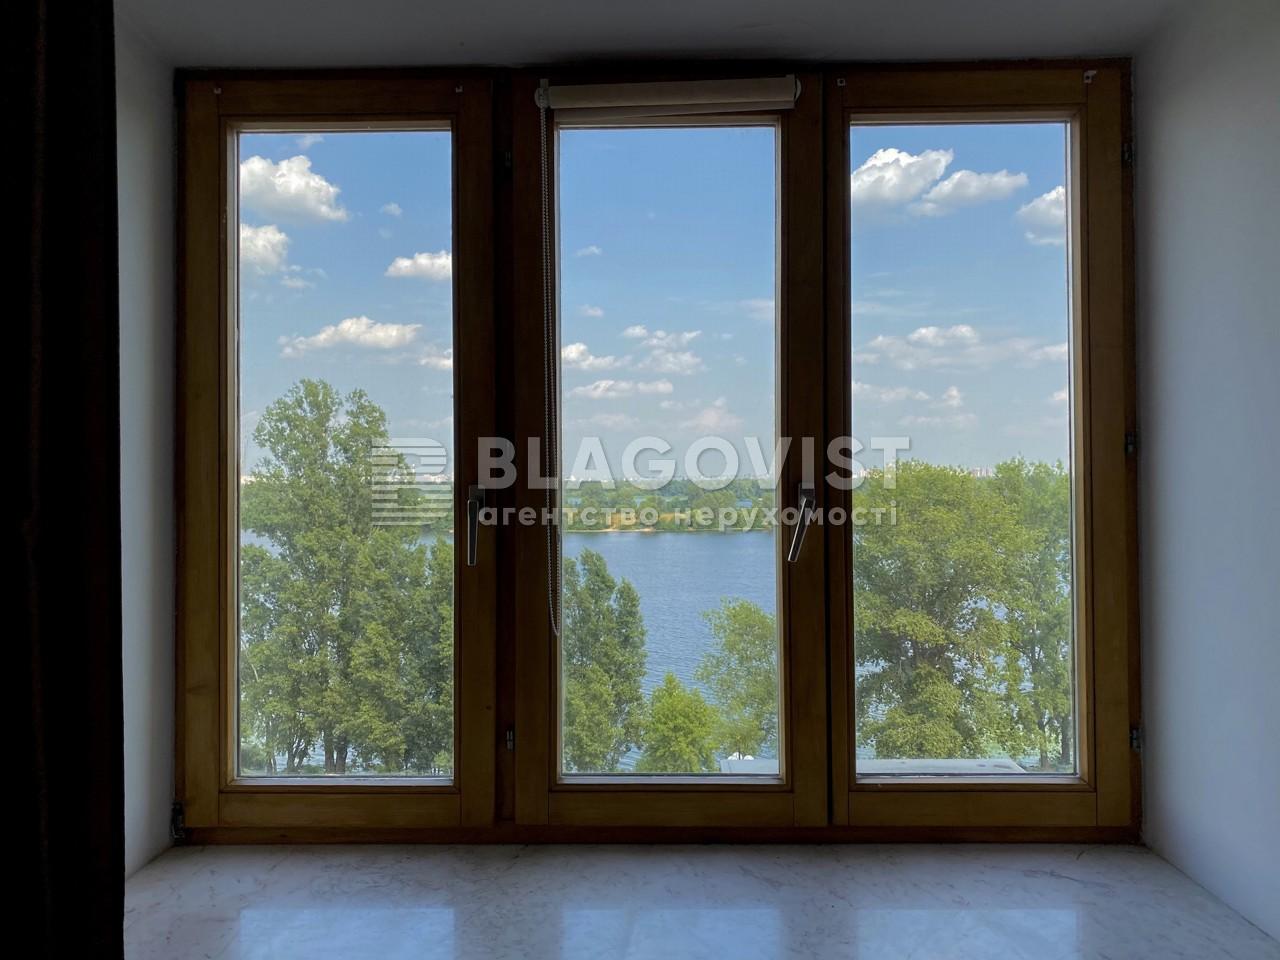 Квартира R-39990, Героев Сталинграда просп., 14г, Киев - Фото 43